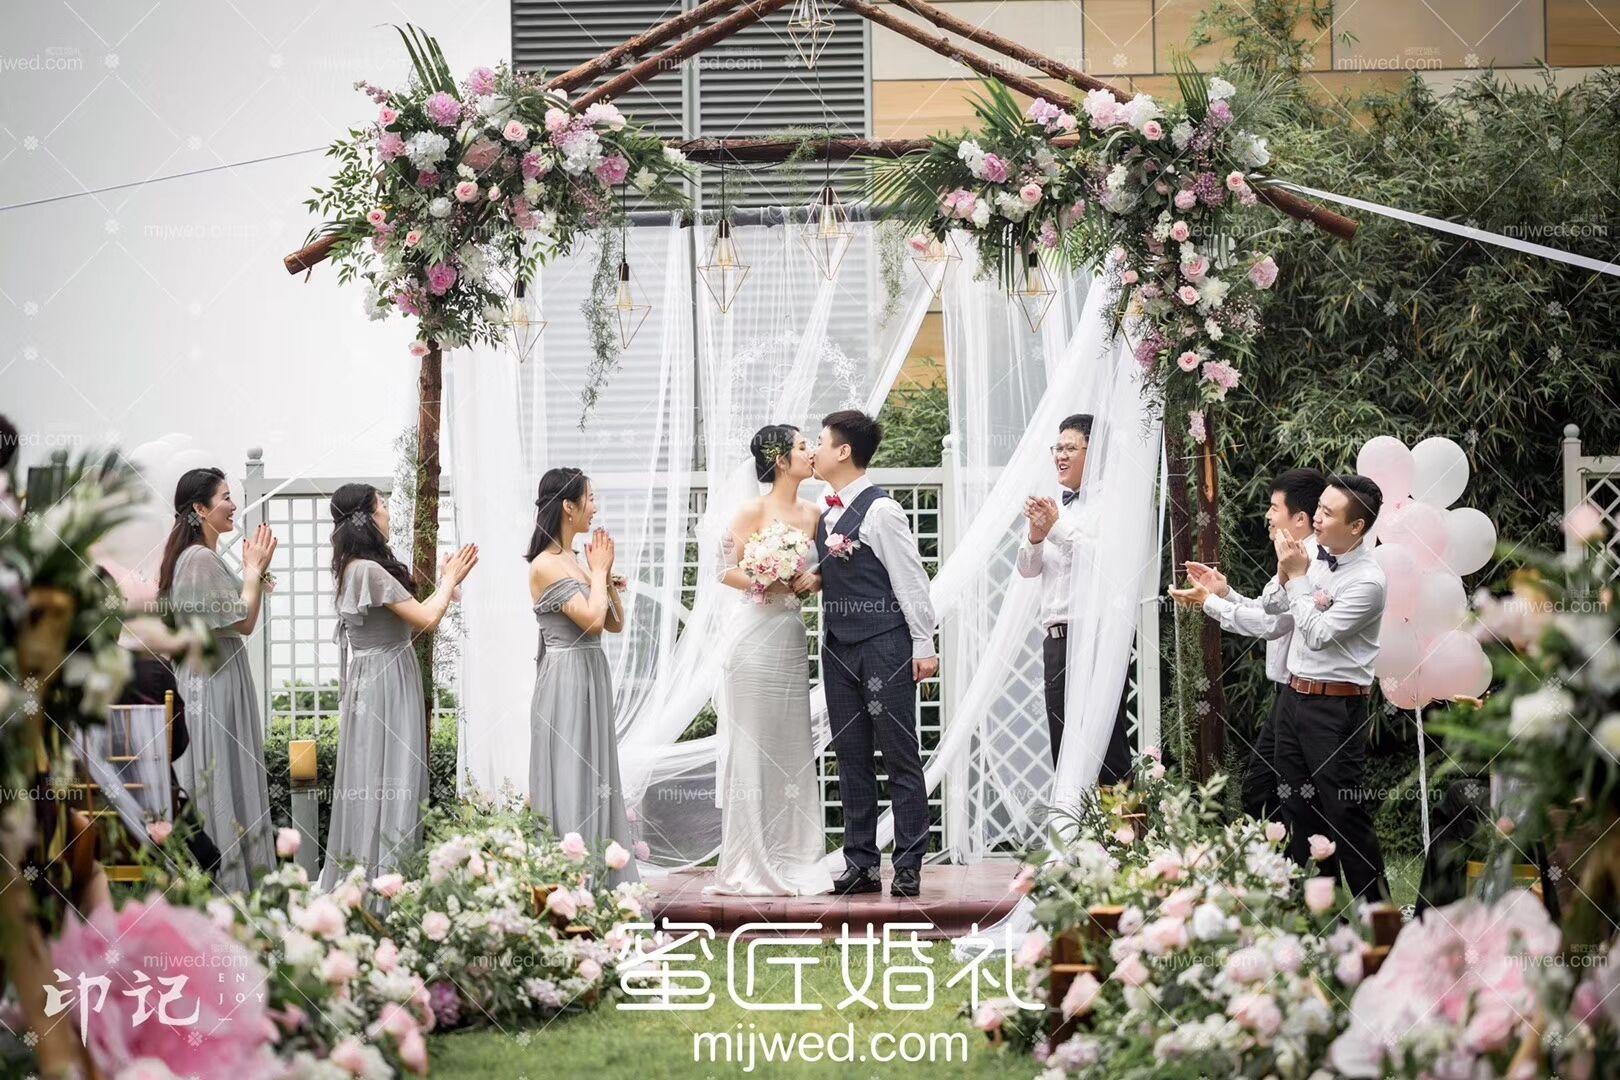 订婚仪式男方本人发言